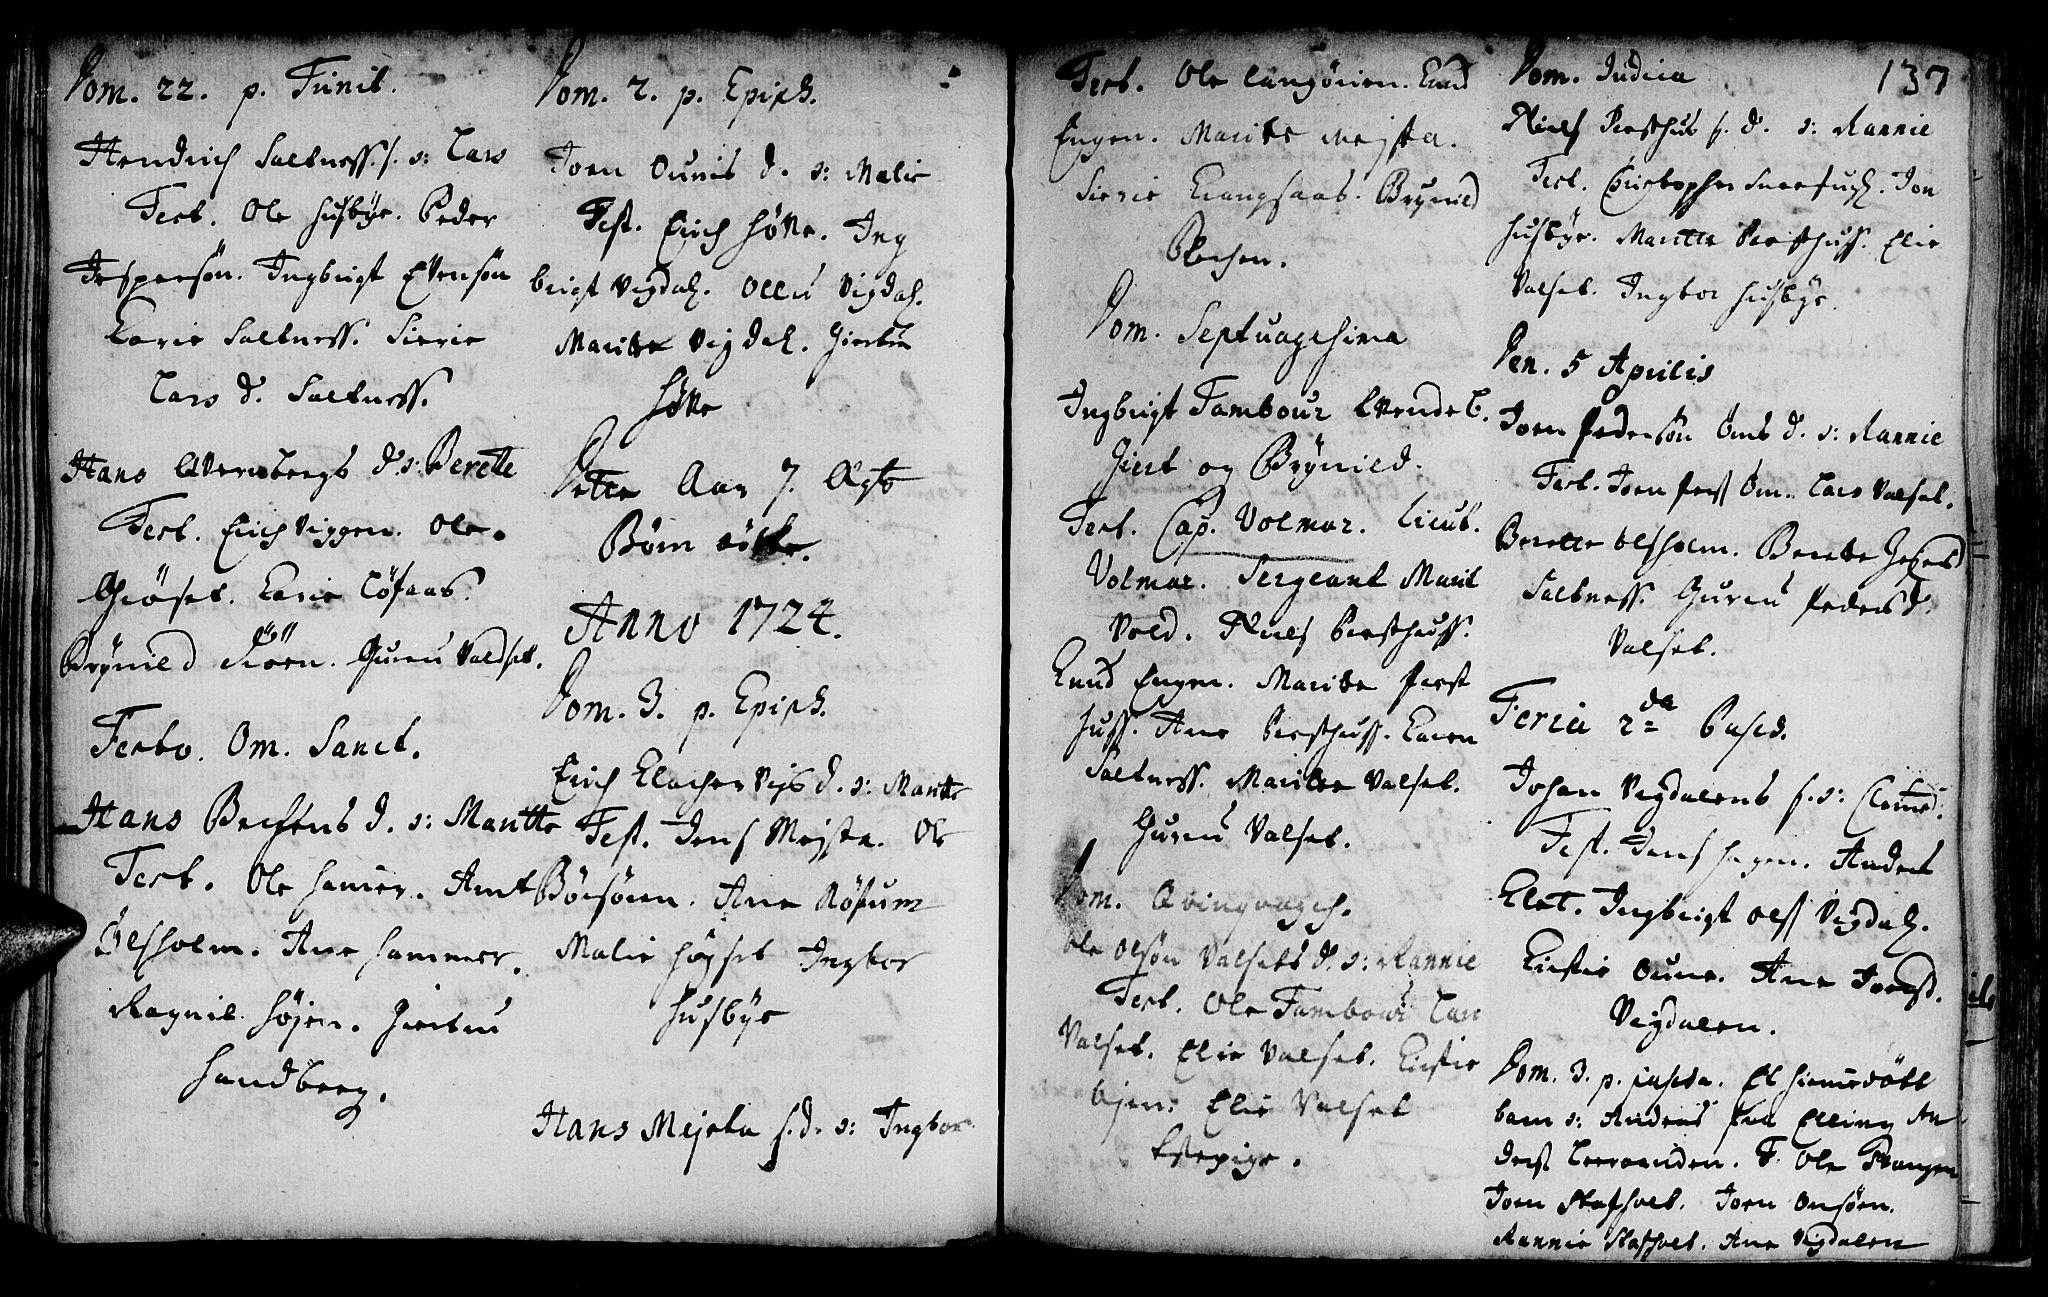 SAT, Ministerialprotokoller, klokkerbøker og fødselsregistre - Sør-Trøndelag, 666/L0783: Ministerialbok nr. 666A01, 1702-1753, s. 137